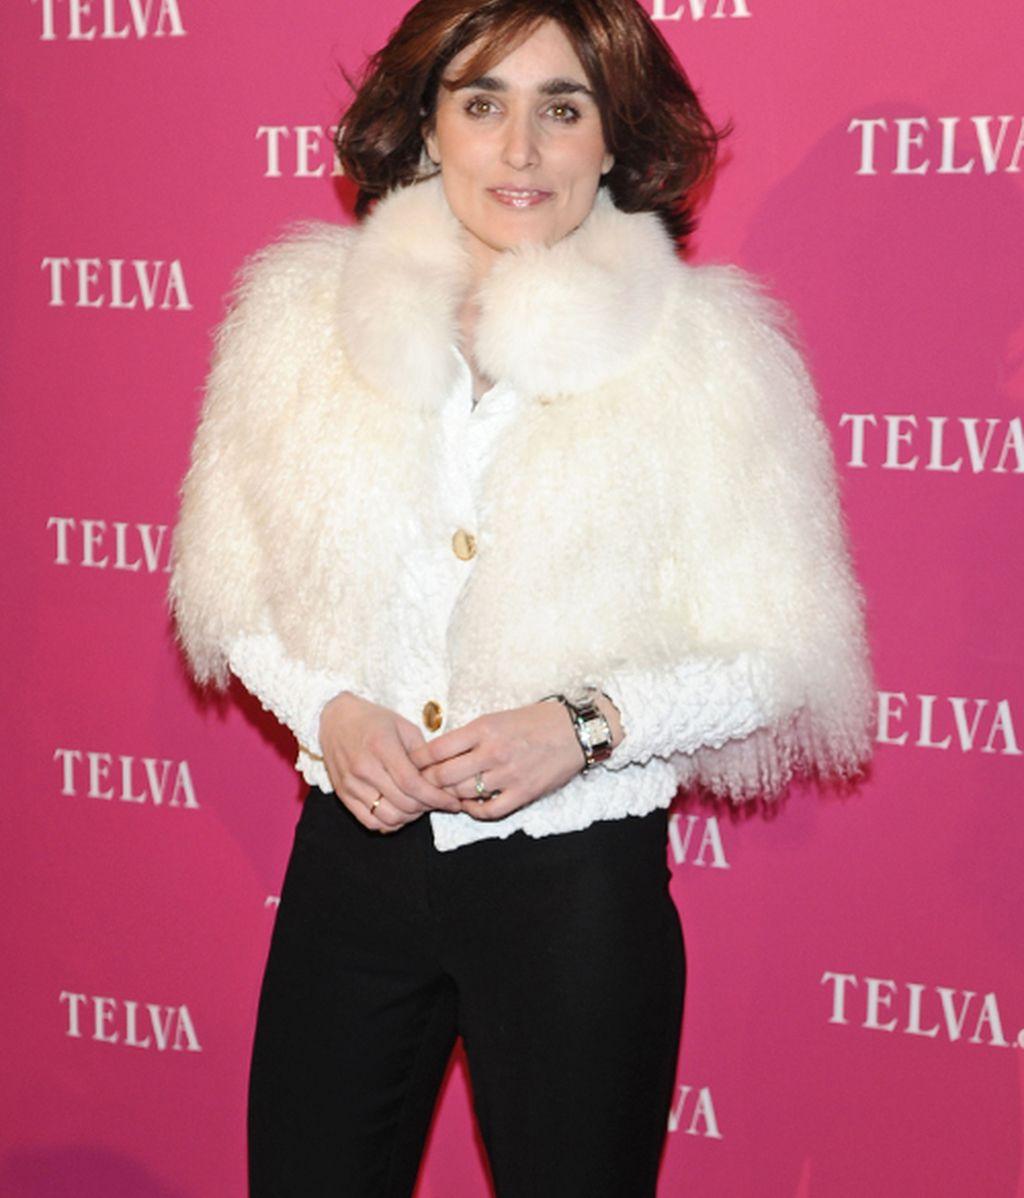 Negro y pelajes, entre las chicas de los premios Telva